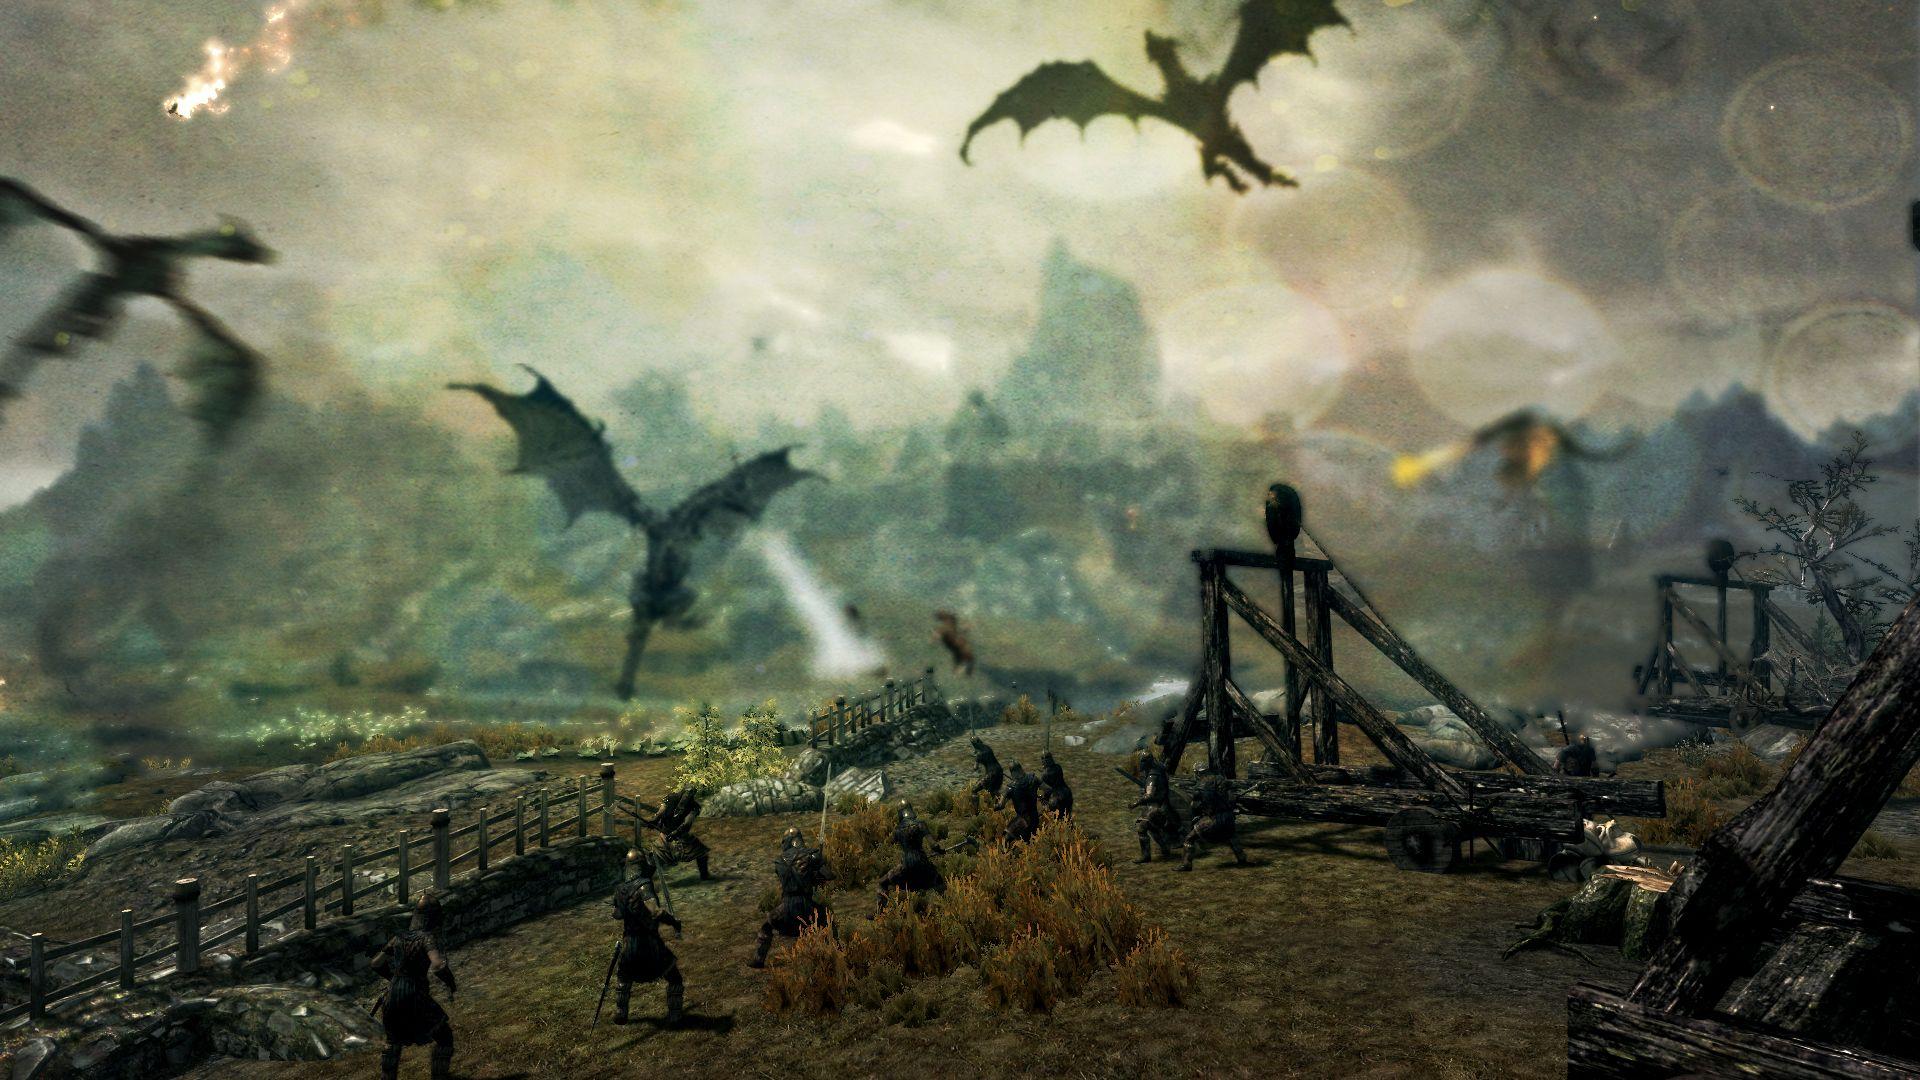 Fantasy Battle Fantasy Battle Wallpaper Fantasy Battle Background Images Medieval Fantasy